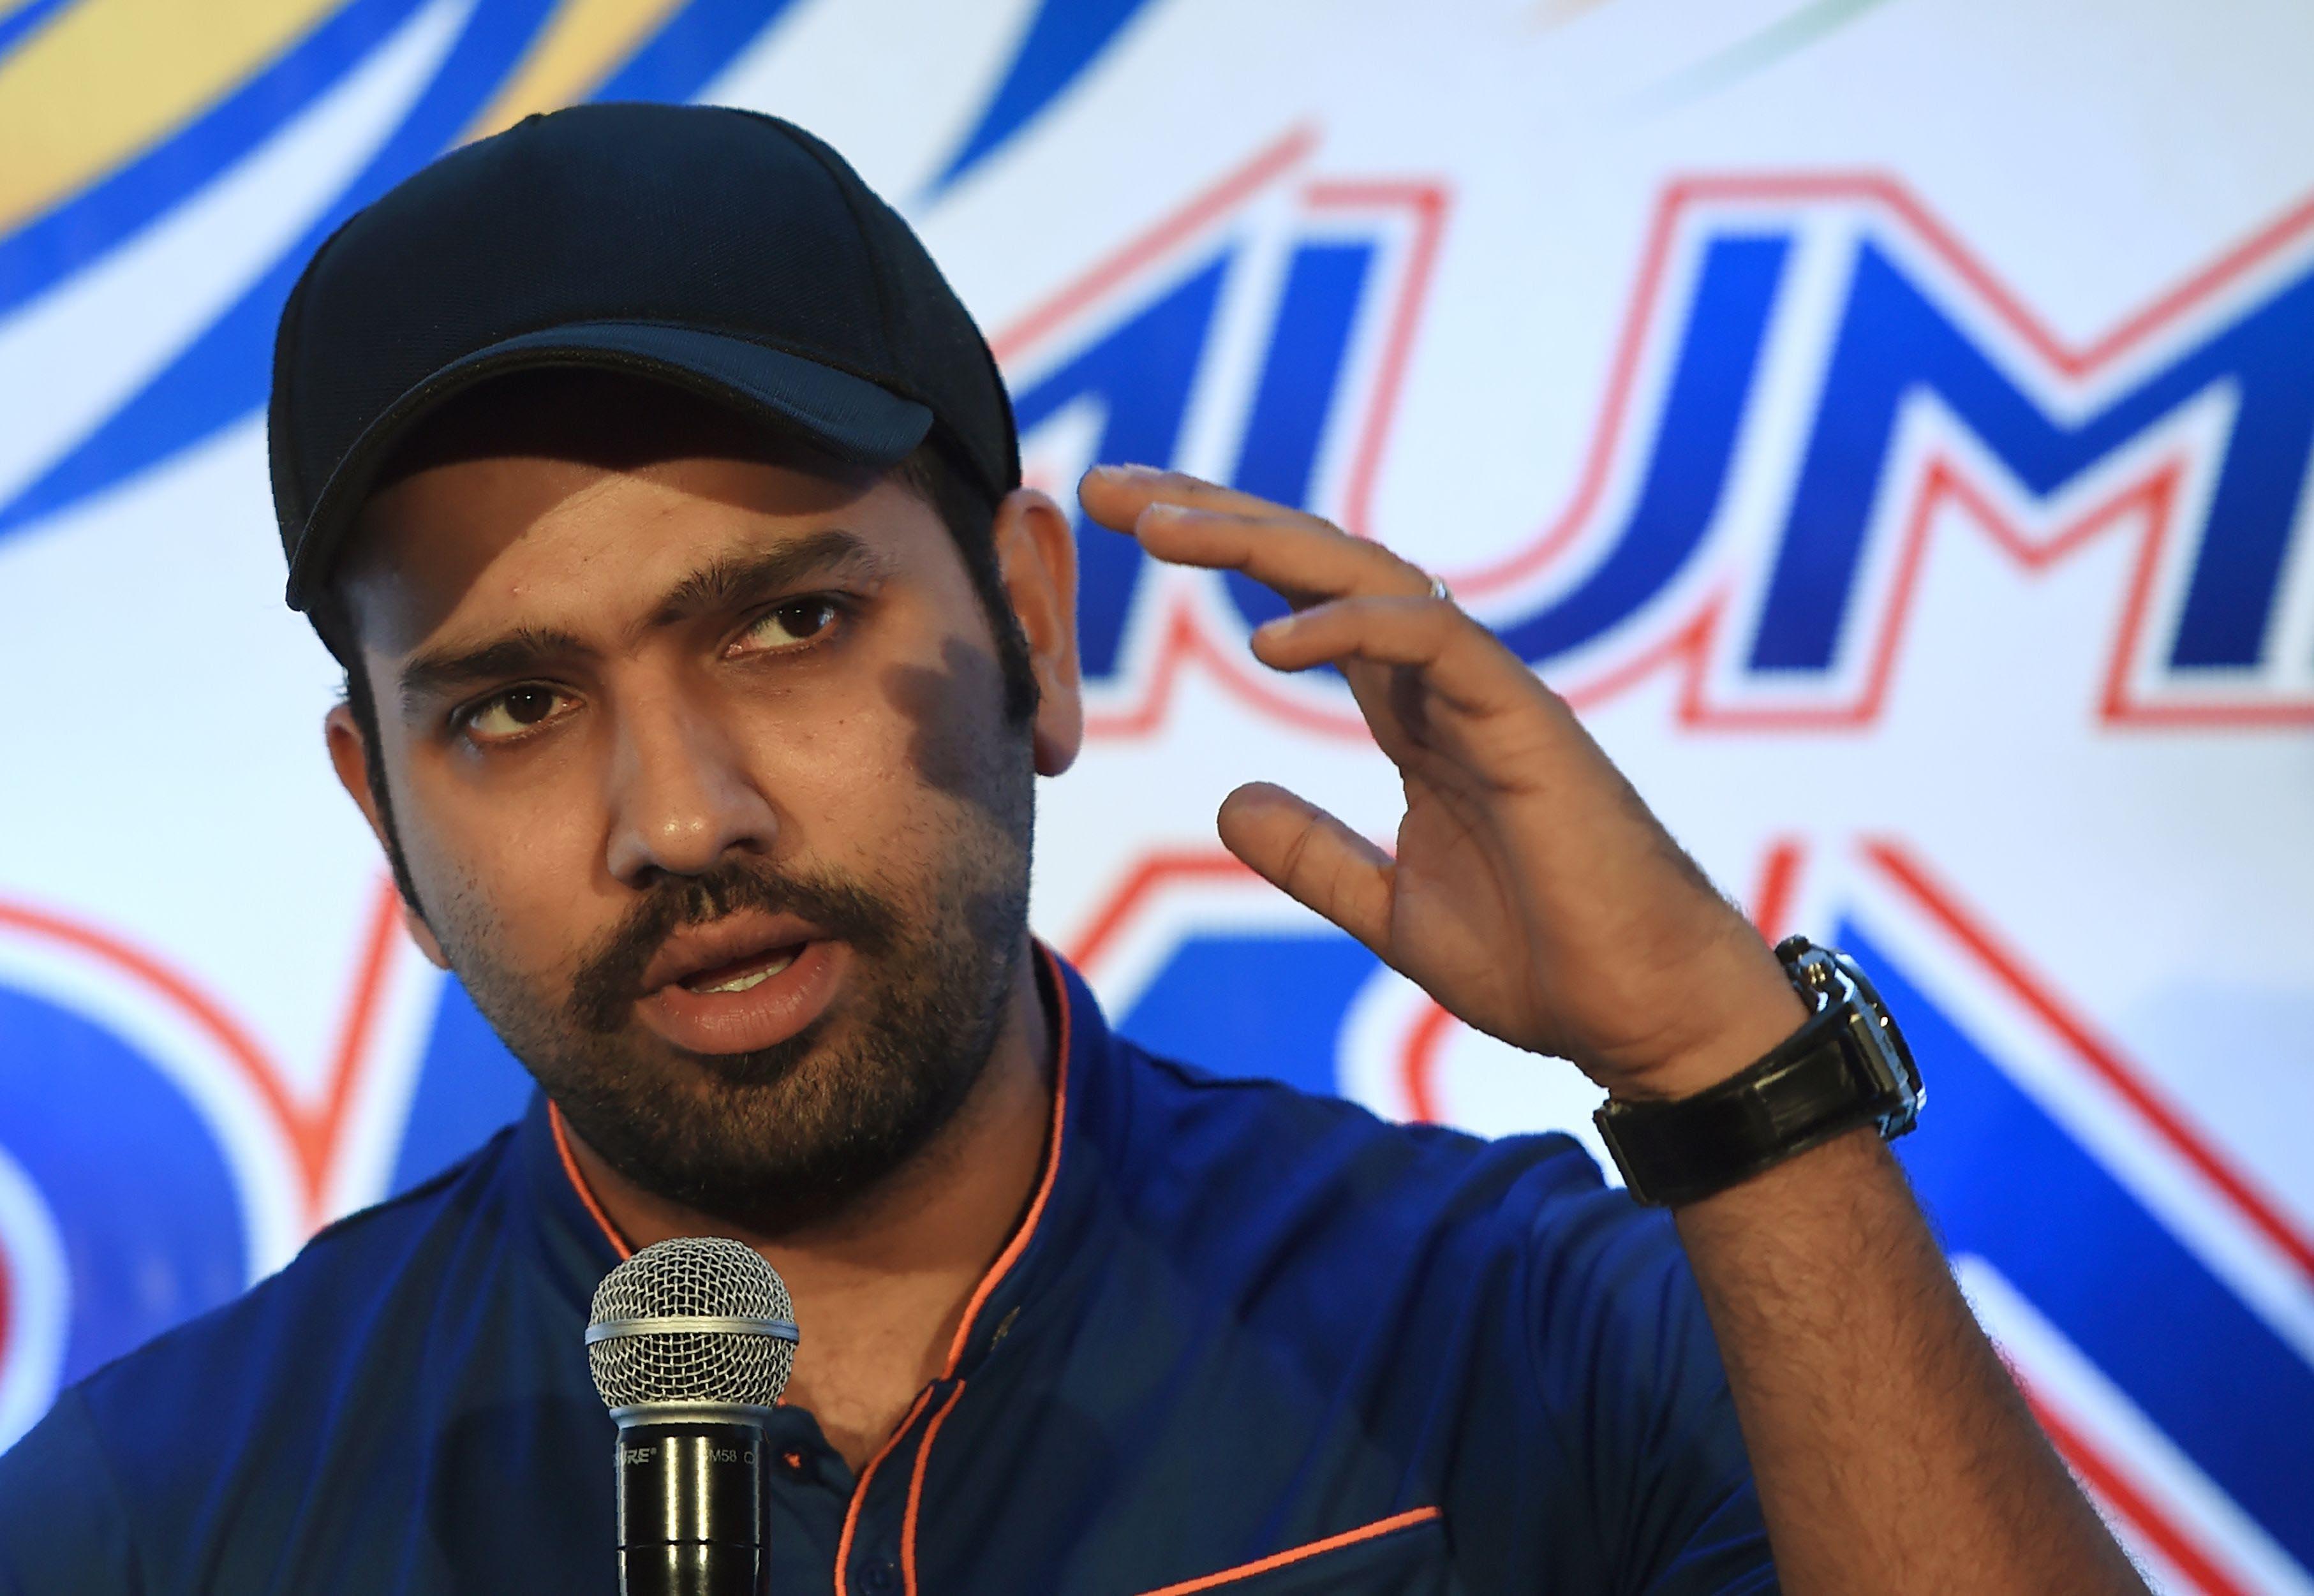 बैंगलोर से मिली हार के बाद रोहित शर्मा ने बताया अभी भी कैसे मुंबई इंडियंस खेल सकती है प्ले ऑफ मैच 34